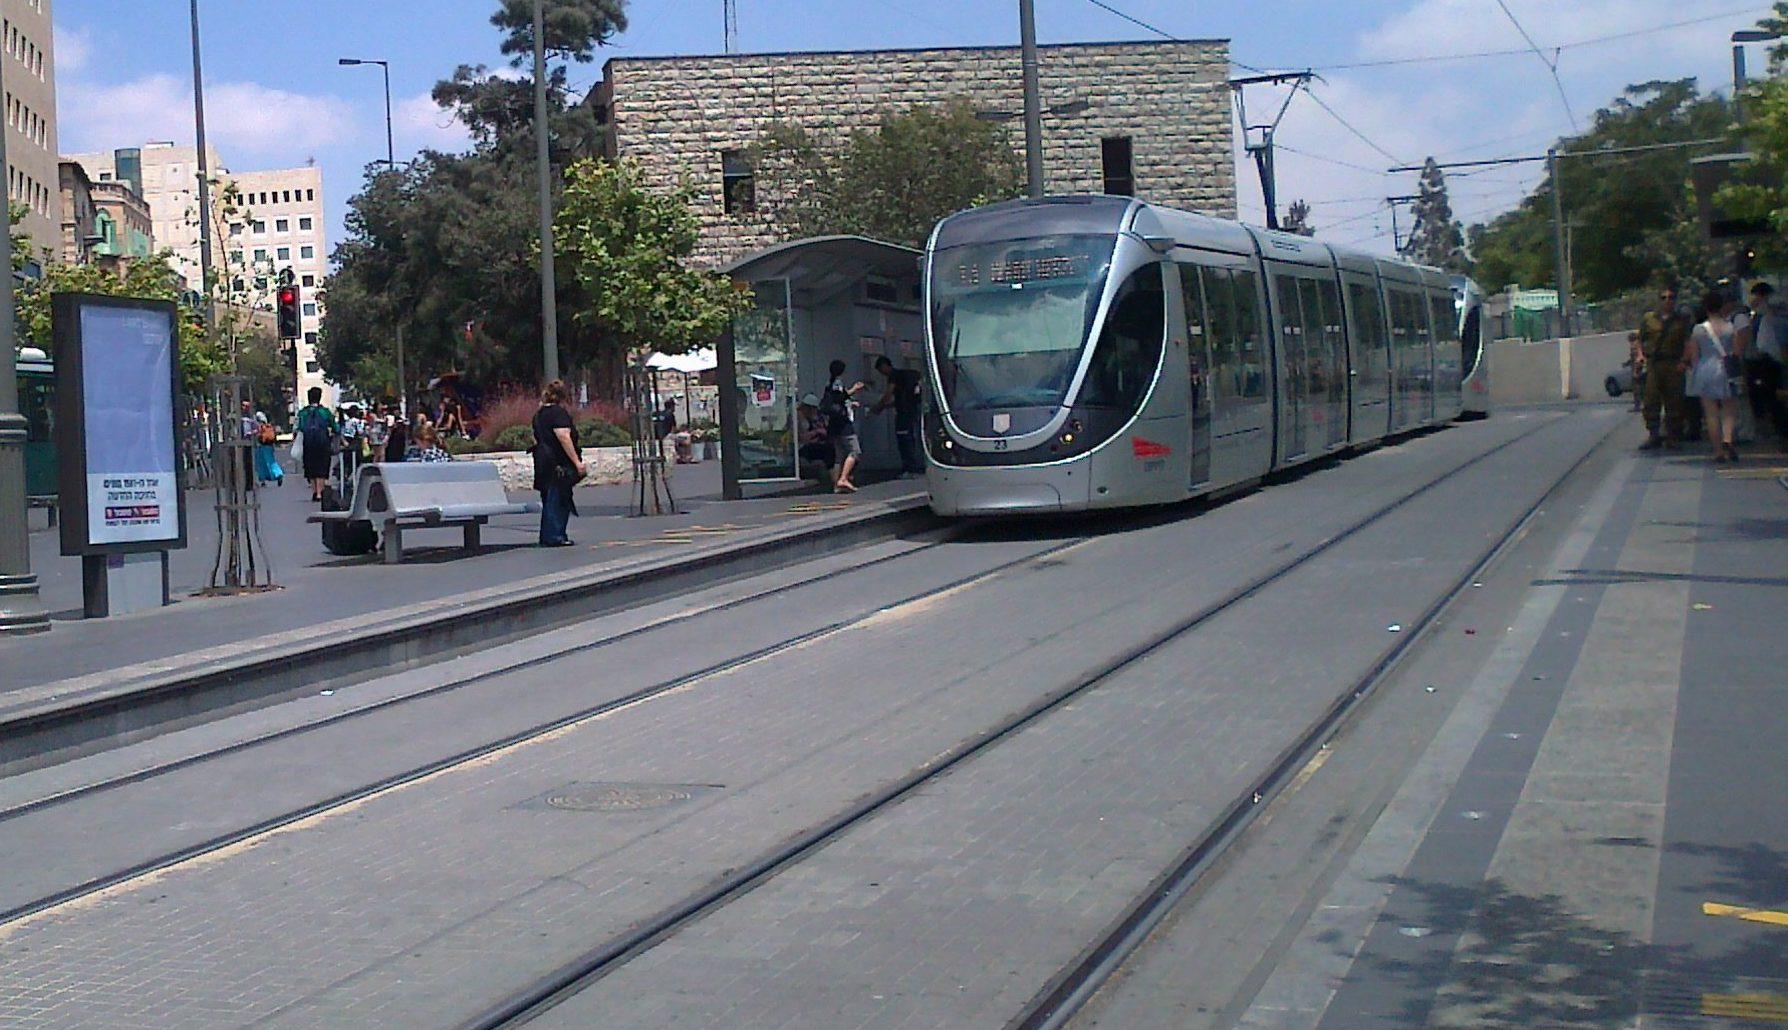 רכבת ישראל יצאה במכרז לייעוץ בתחום הביטוח לחמש שנים